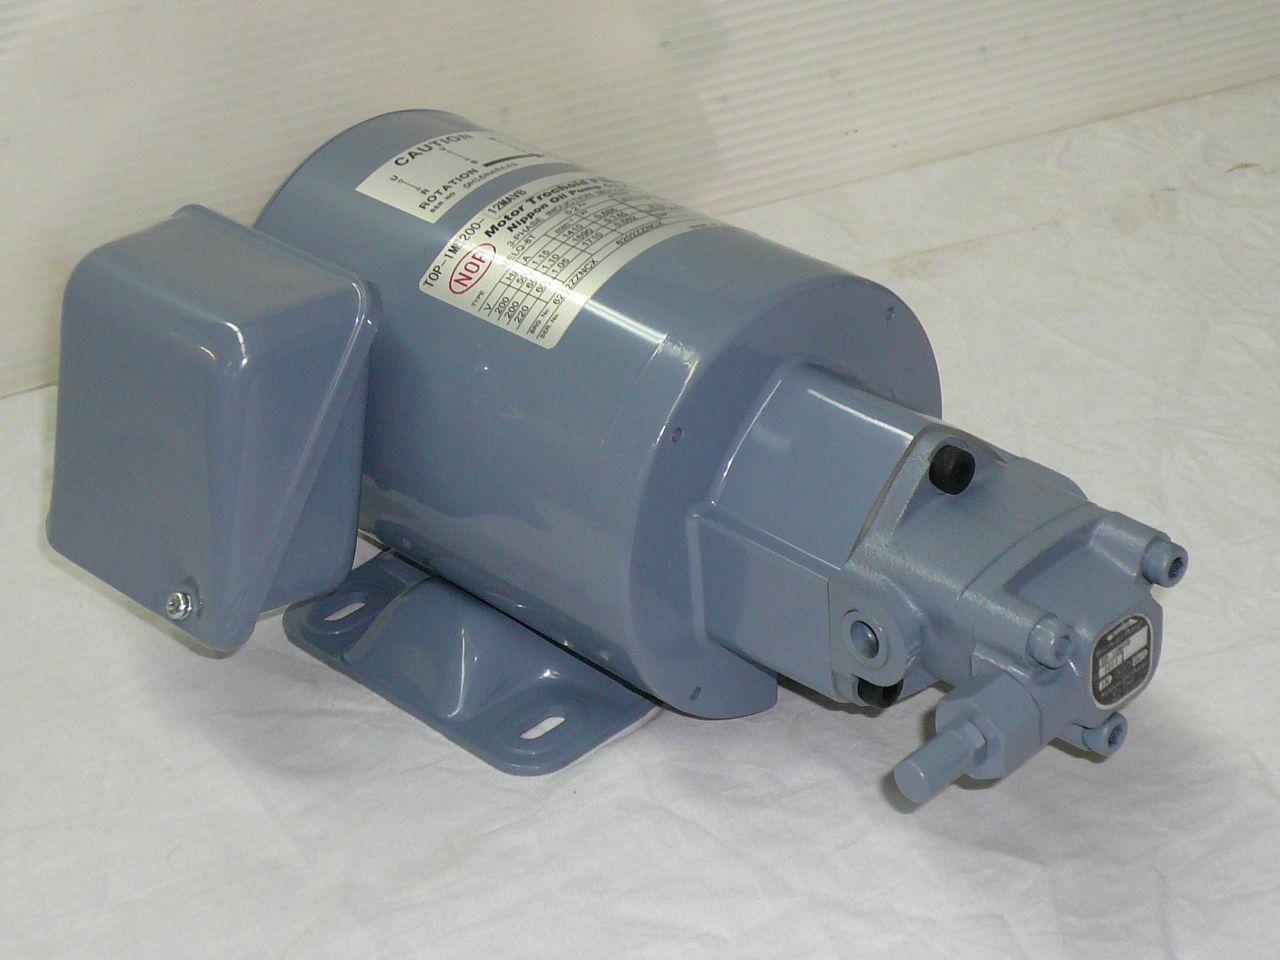 日本NOP,油泵,擺線泵,齒輪泵,冷卻泵,燃油泵,潤滑泵,液壓馬達